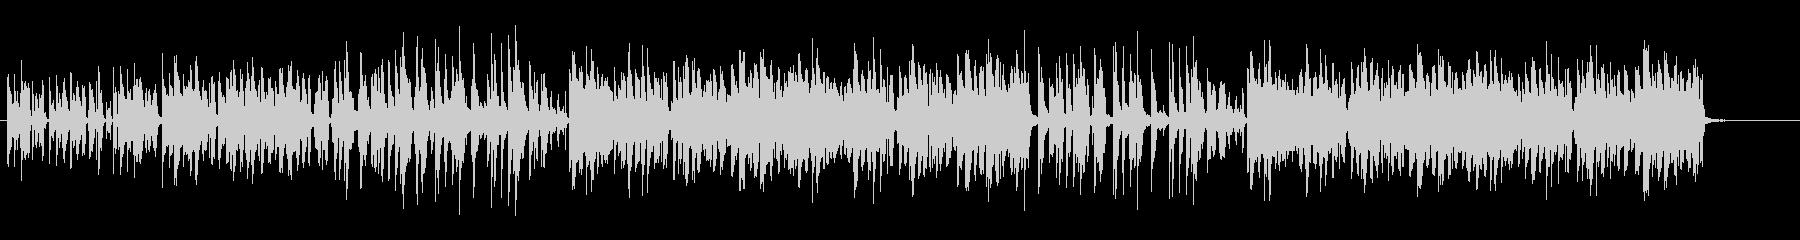 可愛く穏やかなジャズテイストなボサノバの未再生の波形